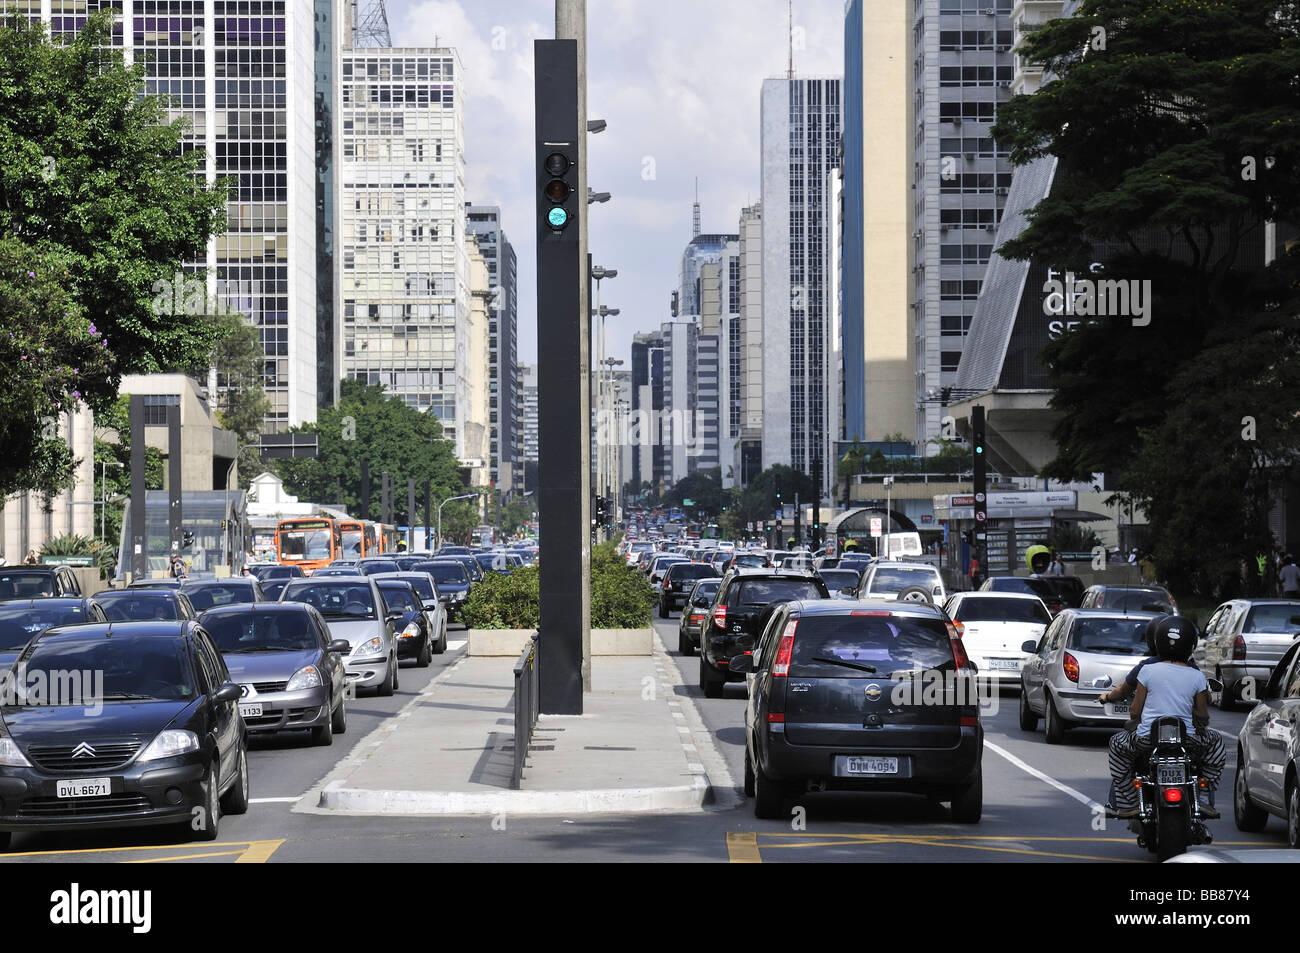 El tráfico en la calle de la Avenida Paulista, Sao Paulo, Brasil, América del Sur Imagen De Stock